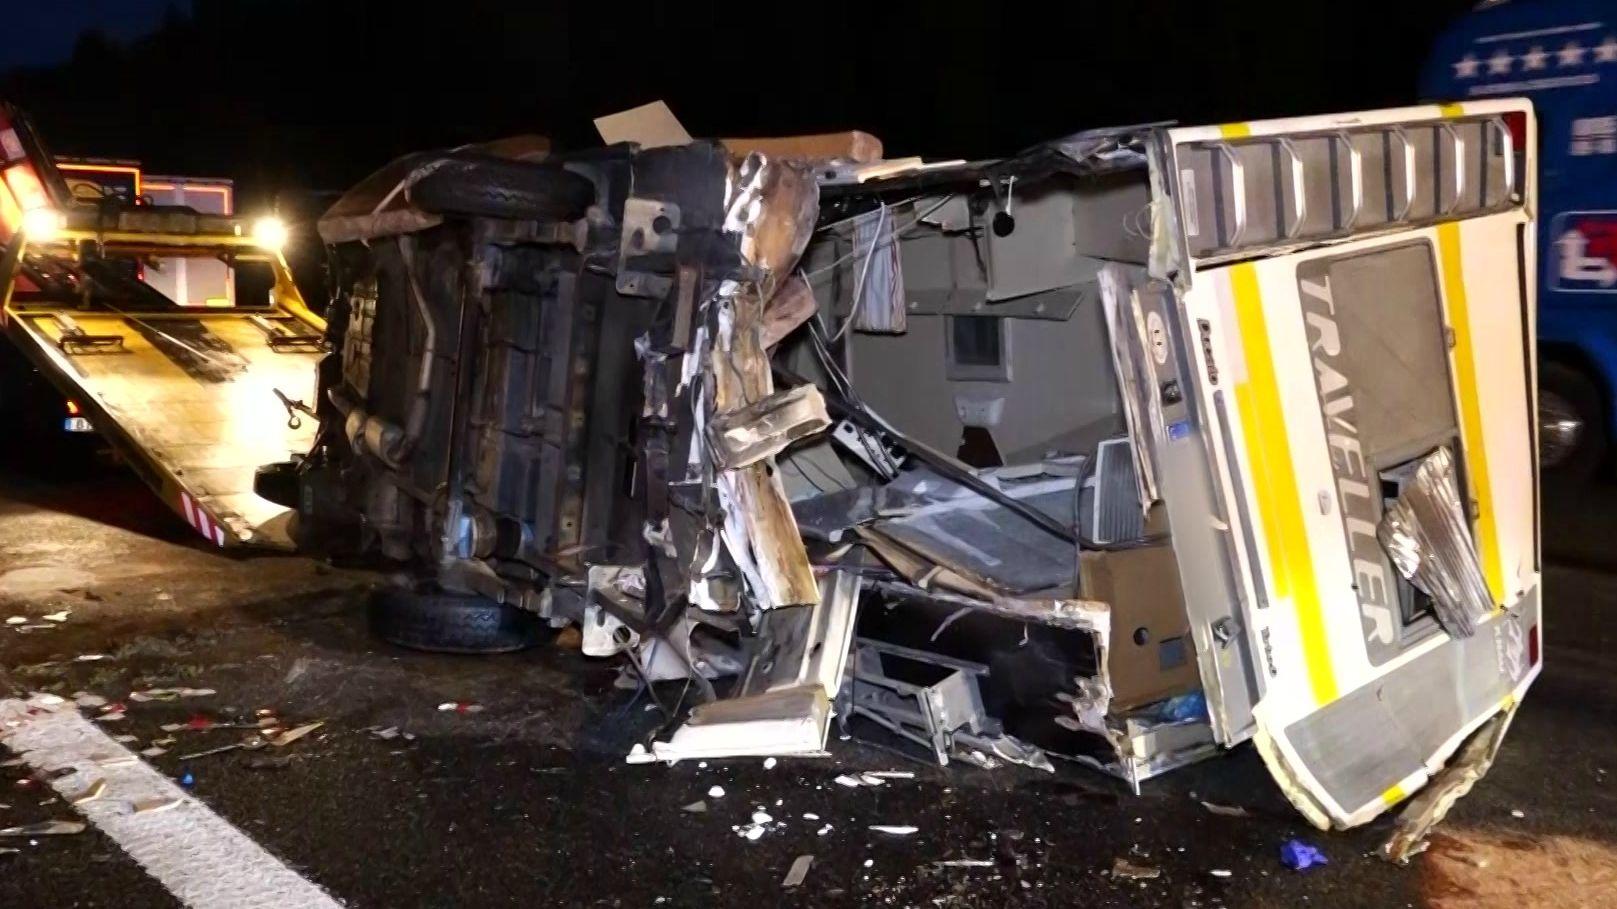 Wohnmobil nach dem Unfall